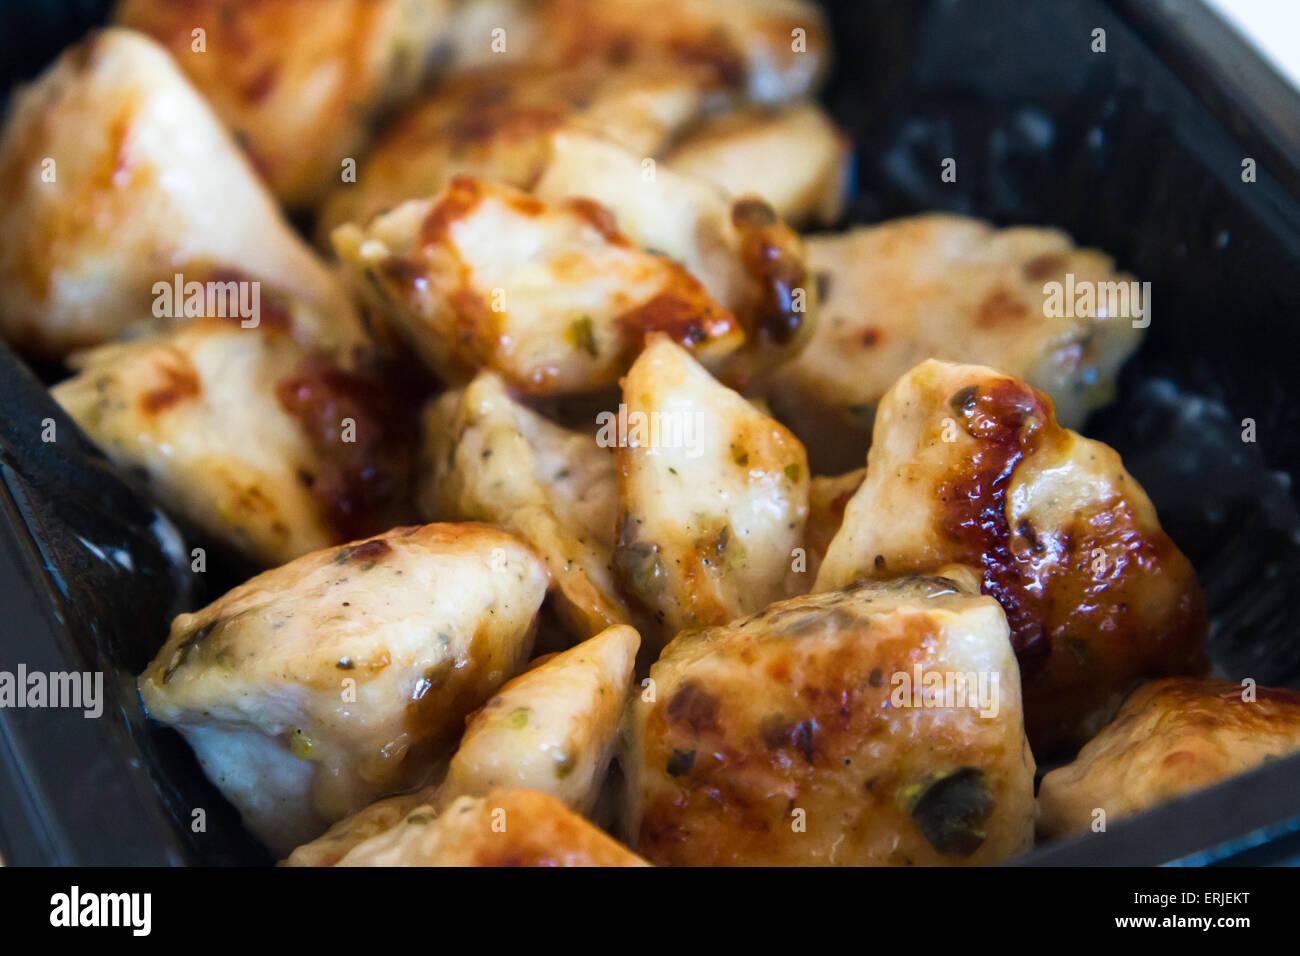 Ailes de poulet frit avec sauce. Photo Stock